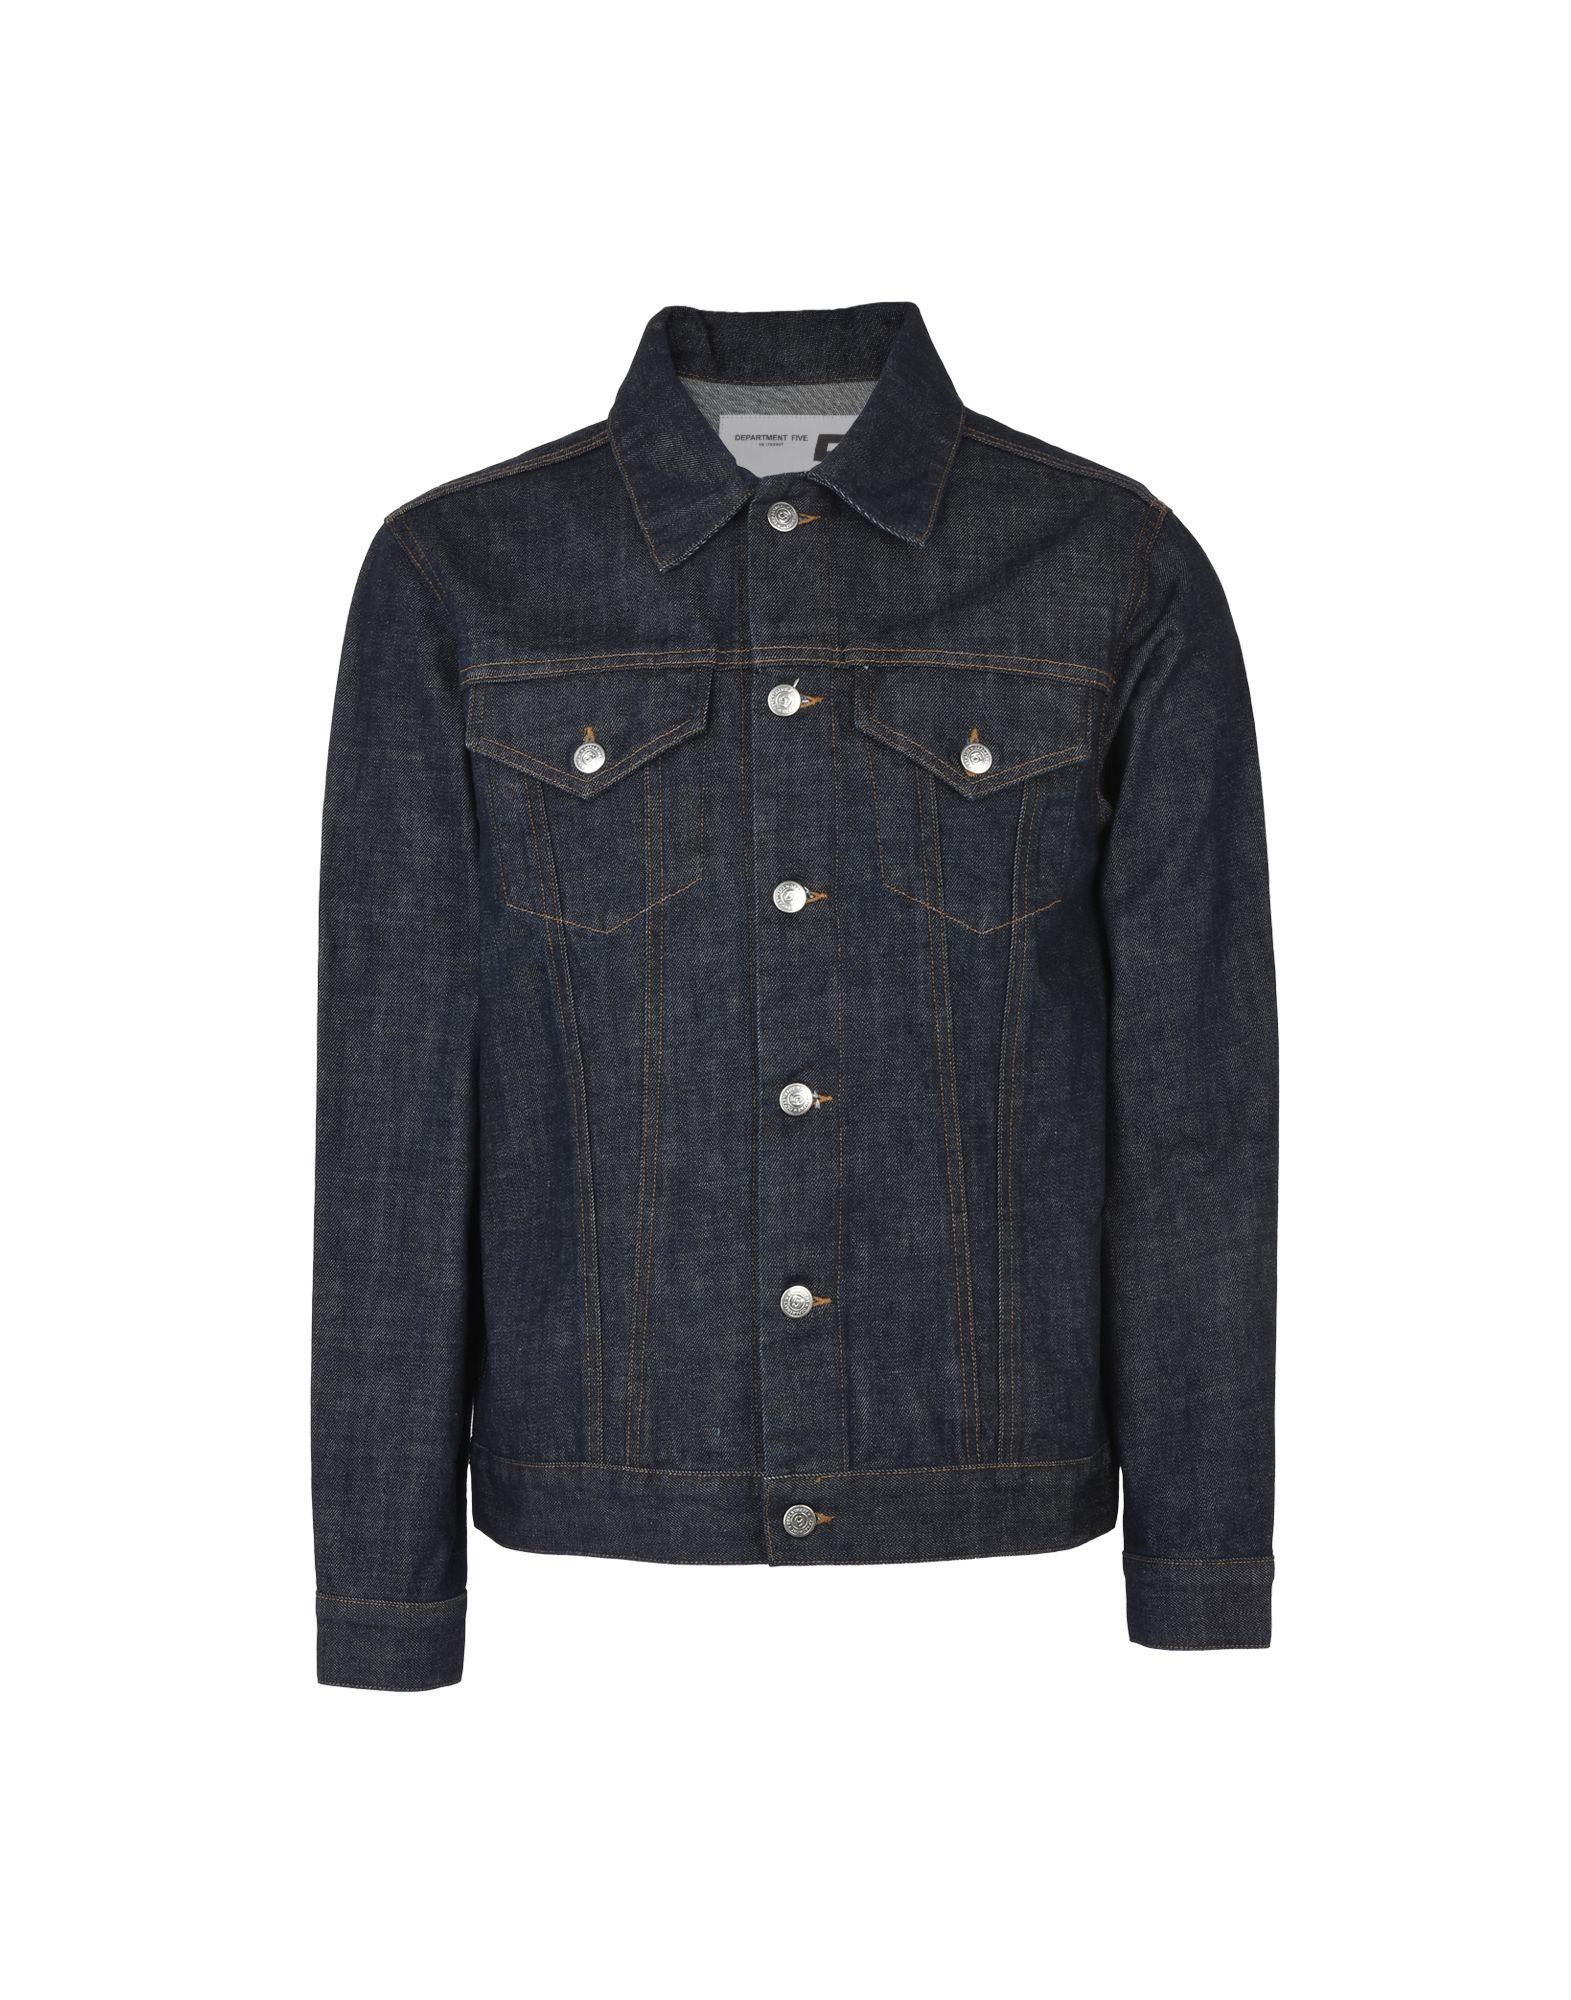 Giubbotto Jeans Department 5 Giubbino Pret - Uomo - Acquista online su